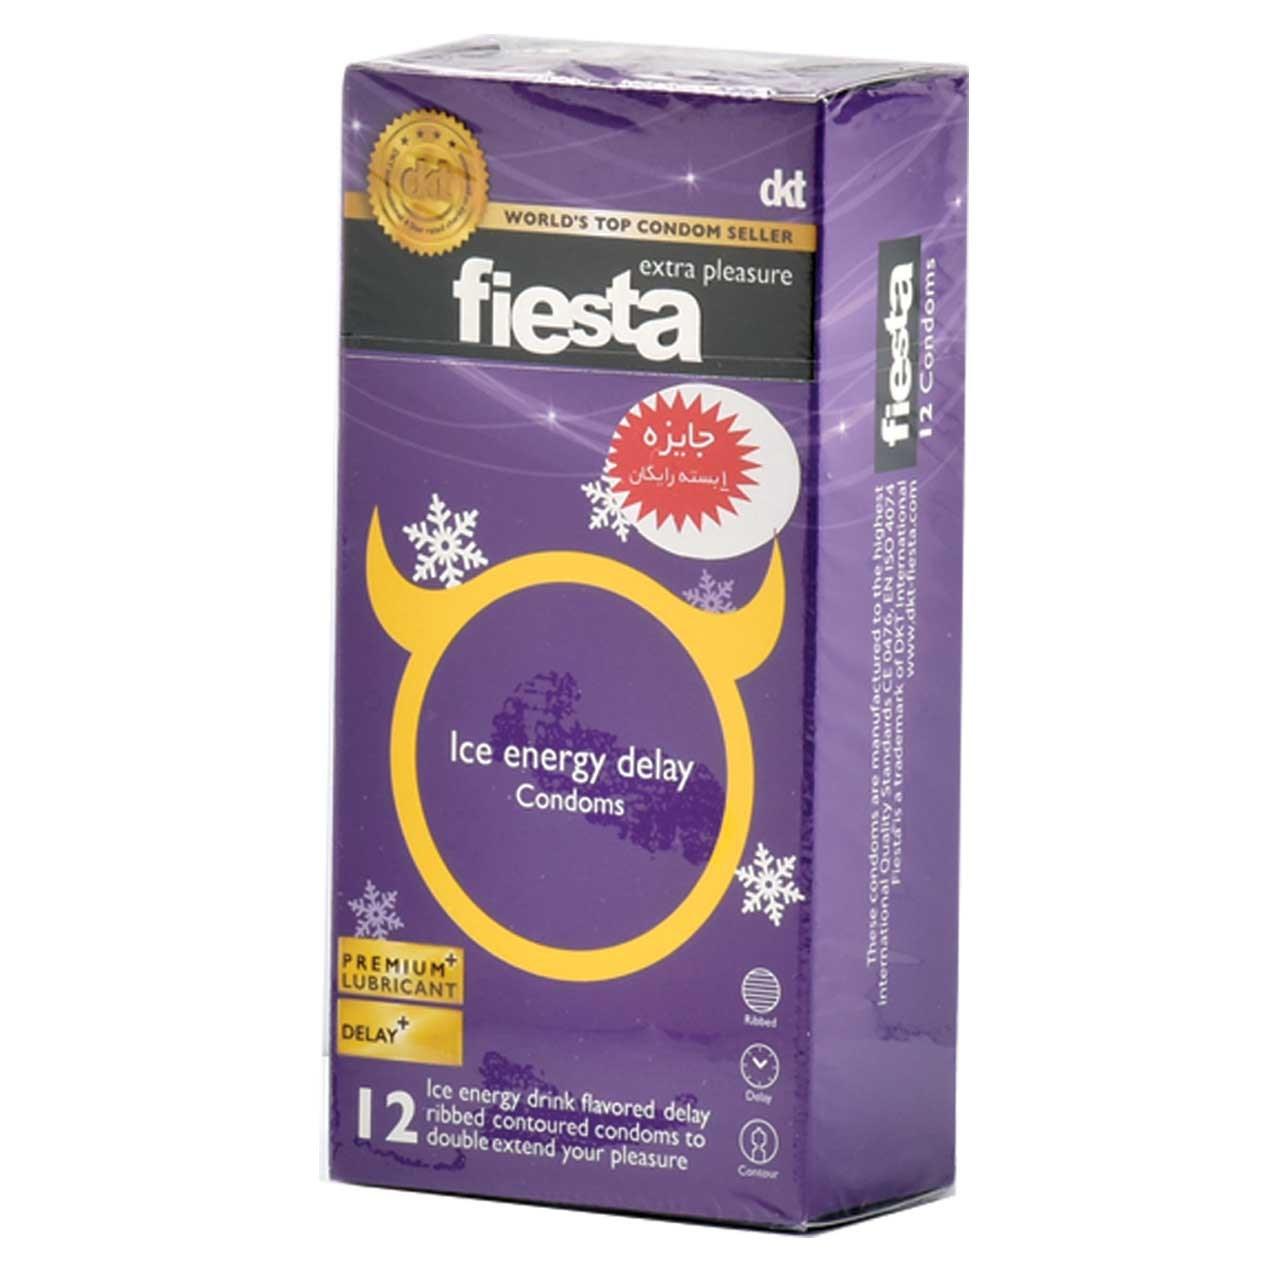 کاندوم خنک انرژی تاخیری فیستا مدل Ice Energy Delay بسته 12 عددی